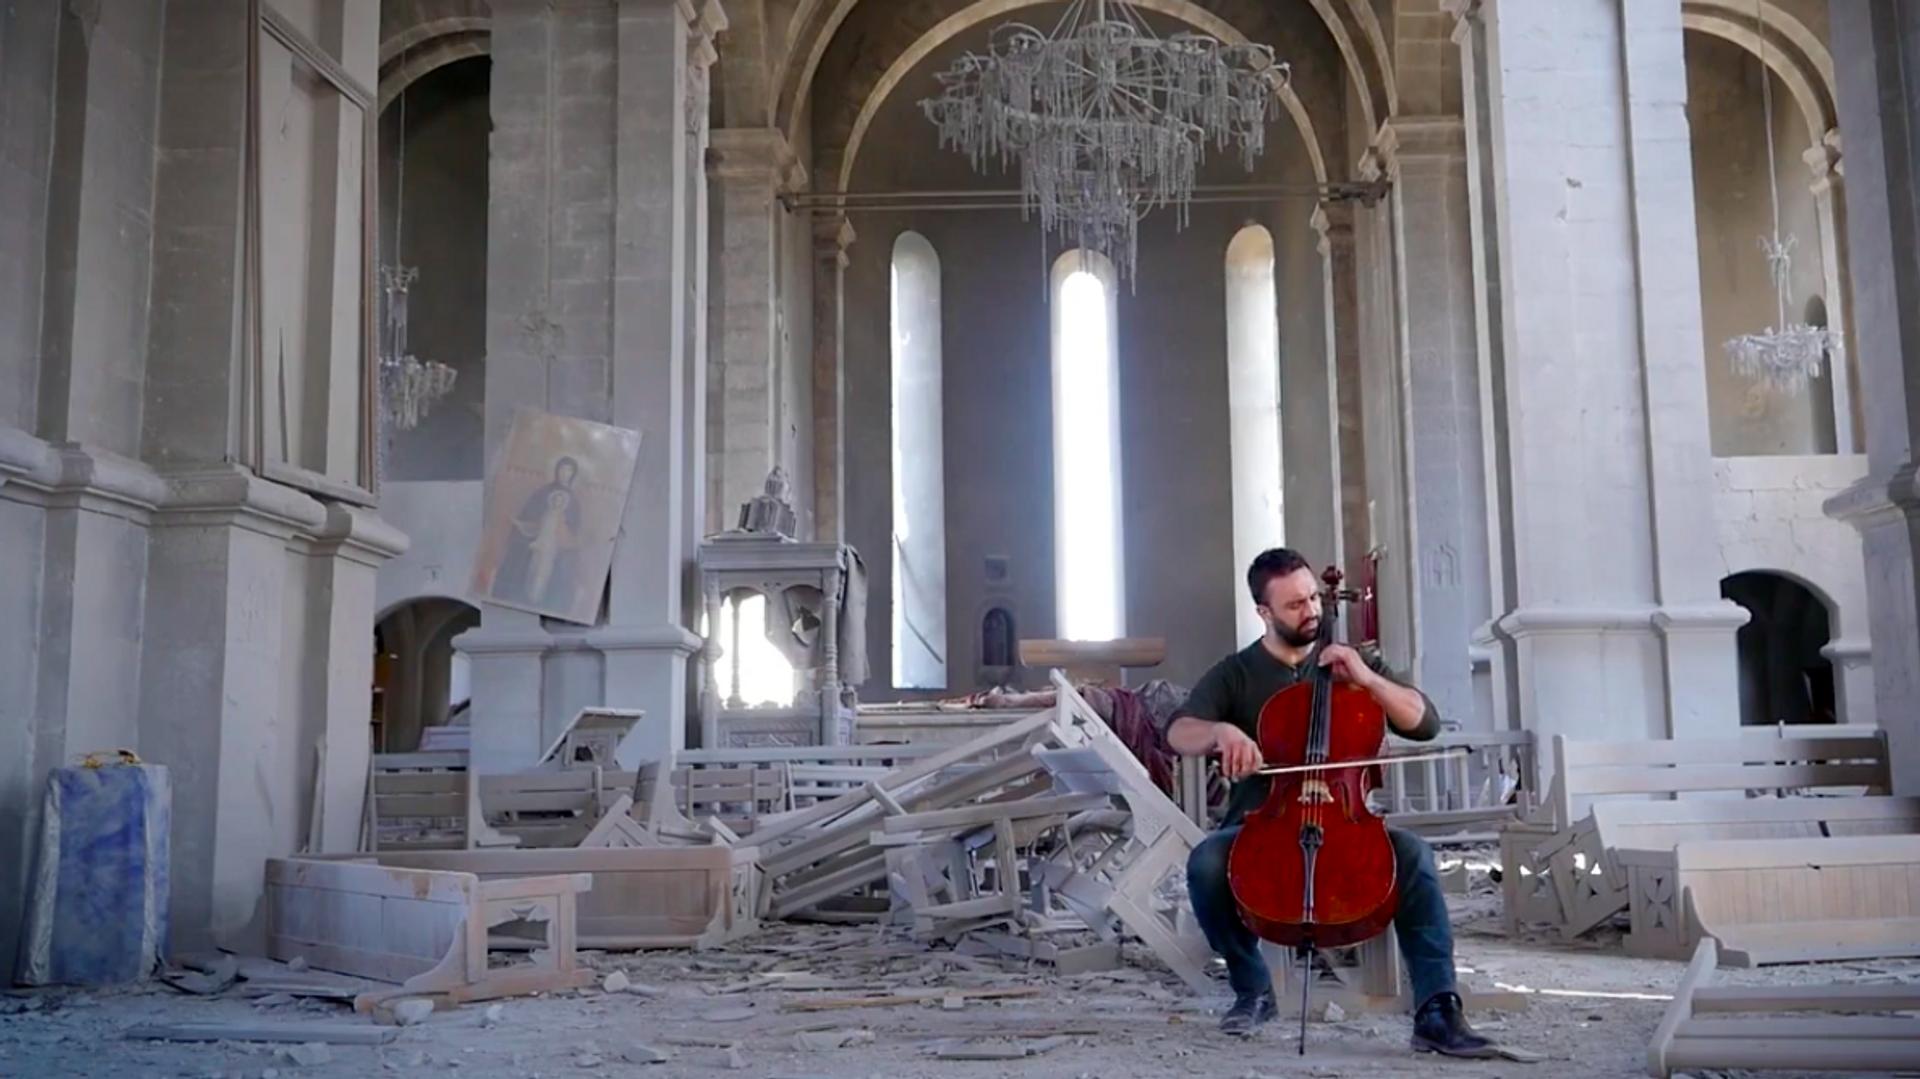 Nagorno-Karabakh: violoncellista armeno suona nella cattedrale distrutta a Shushi - Sputnik Italia, 1920, 01.06.2021